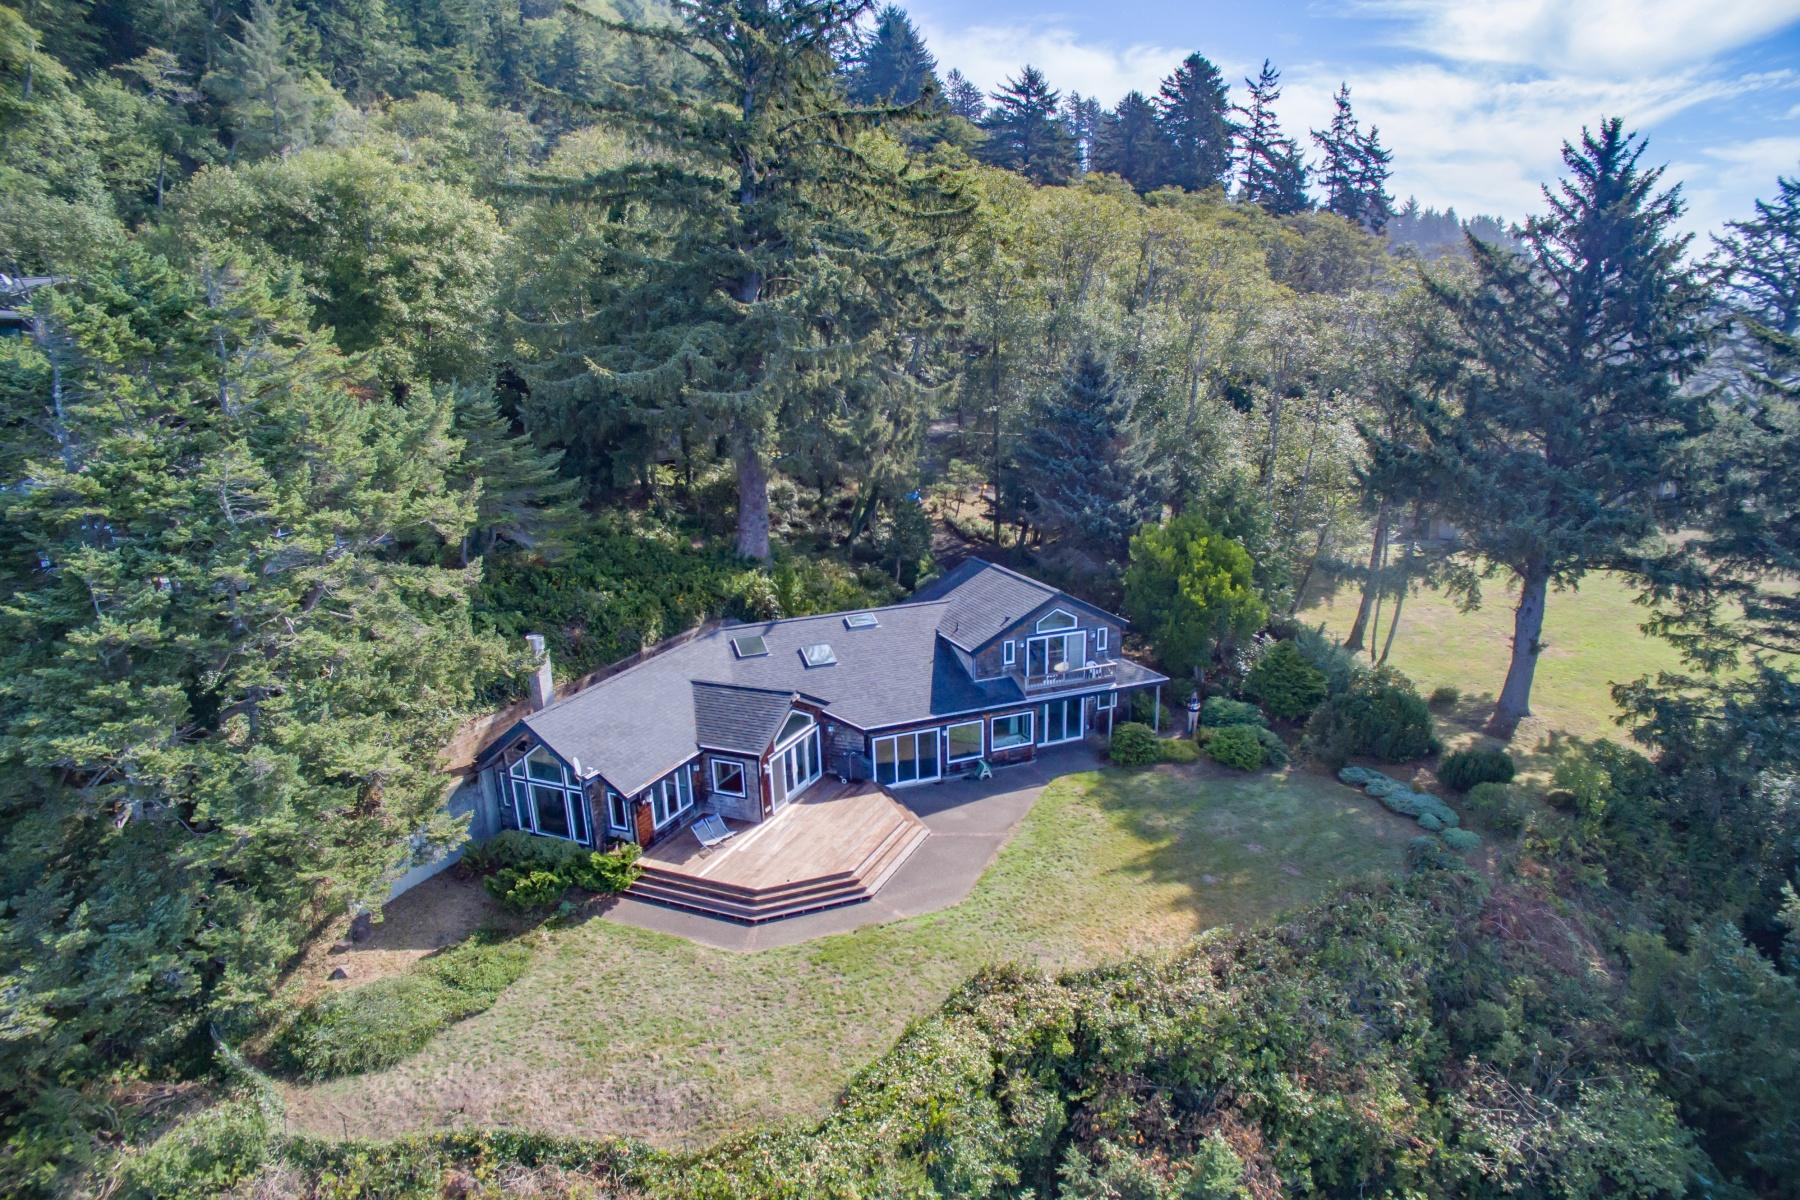 Nhà ở một gia đình vì Bán tại 38650 BEULAH REED RD, MANZANITA, OR Manzanita, Oregon 97130 Hoa Kỳ